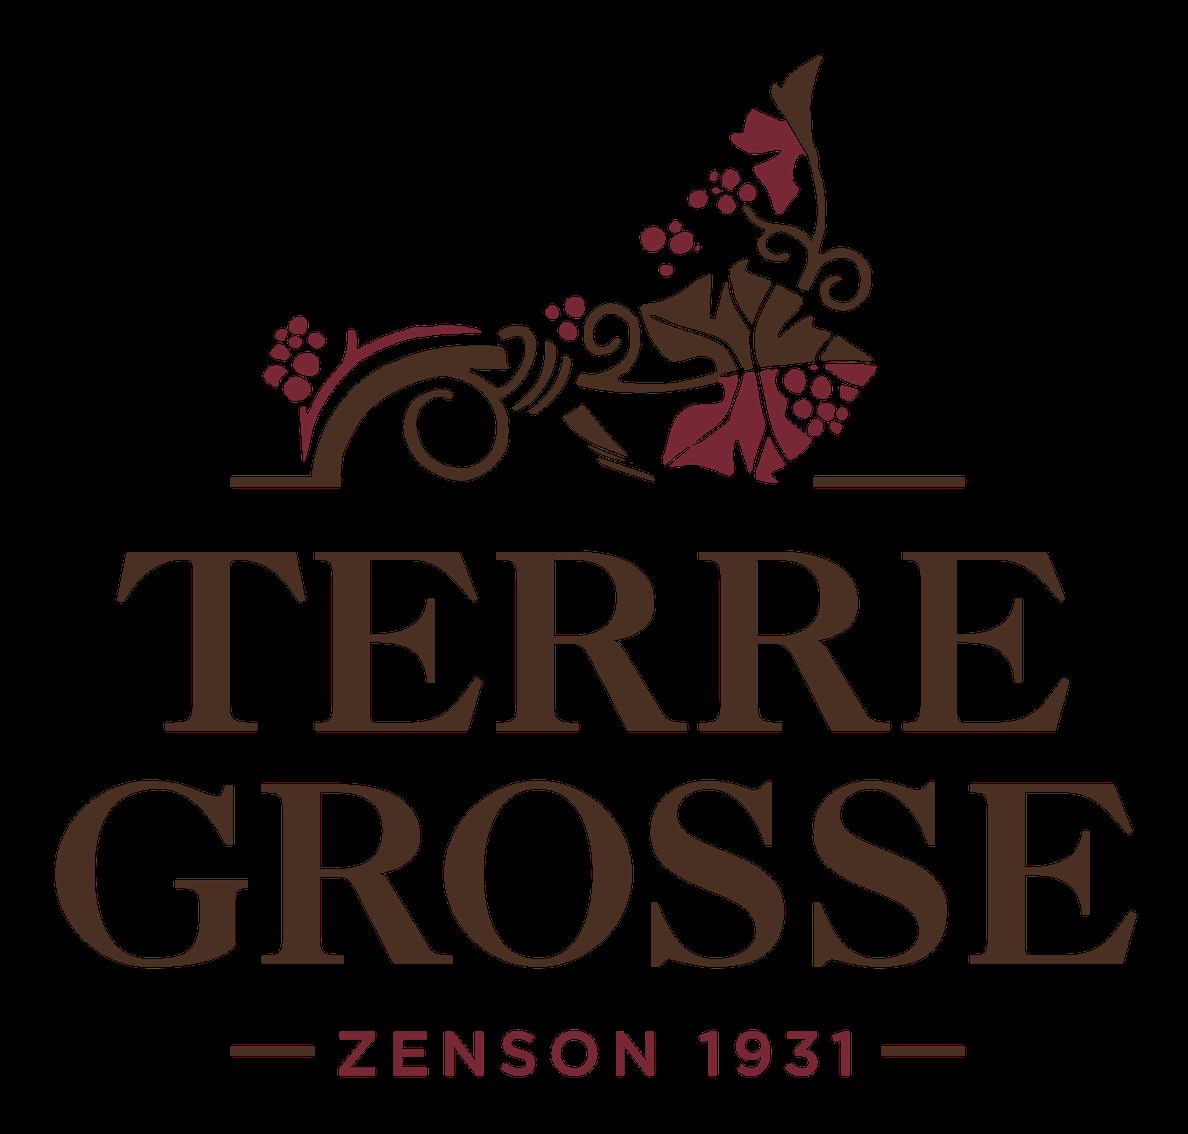 Az. Agr. Terre Grosse